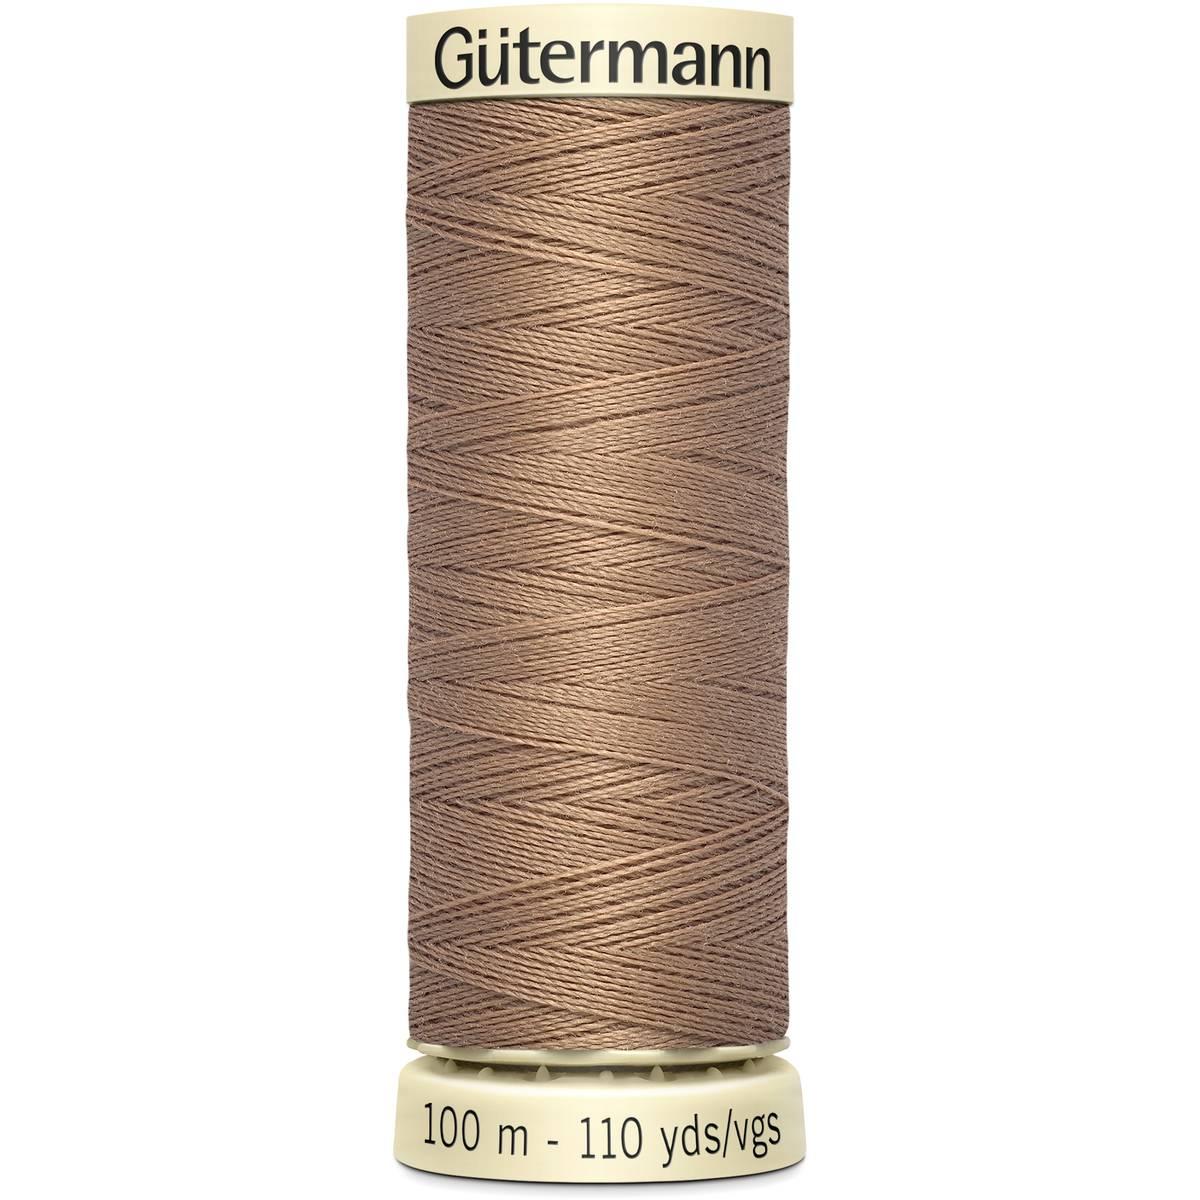 חוט תפירה גוטרמן - Brown 139